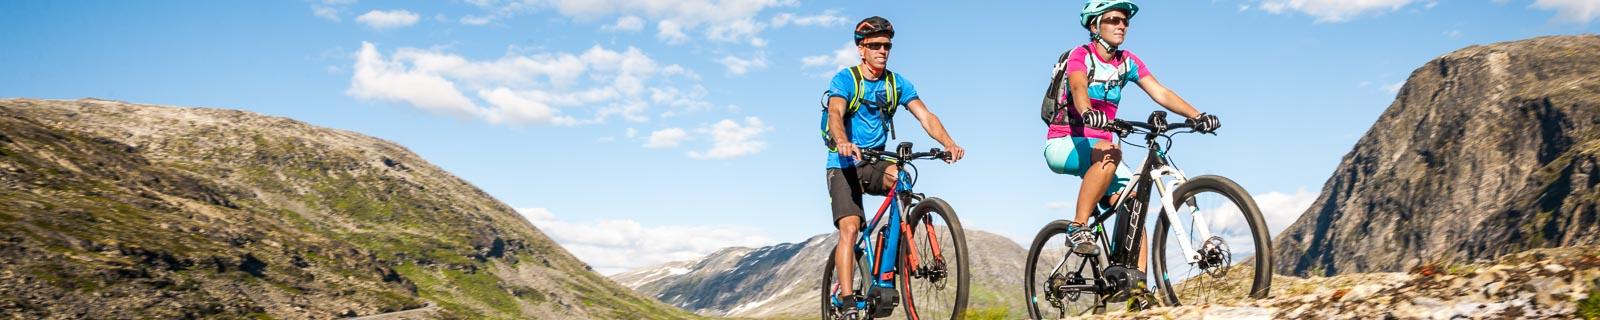 Biciclette-Elettriche a partire da 1799 €